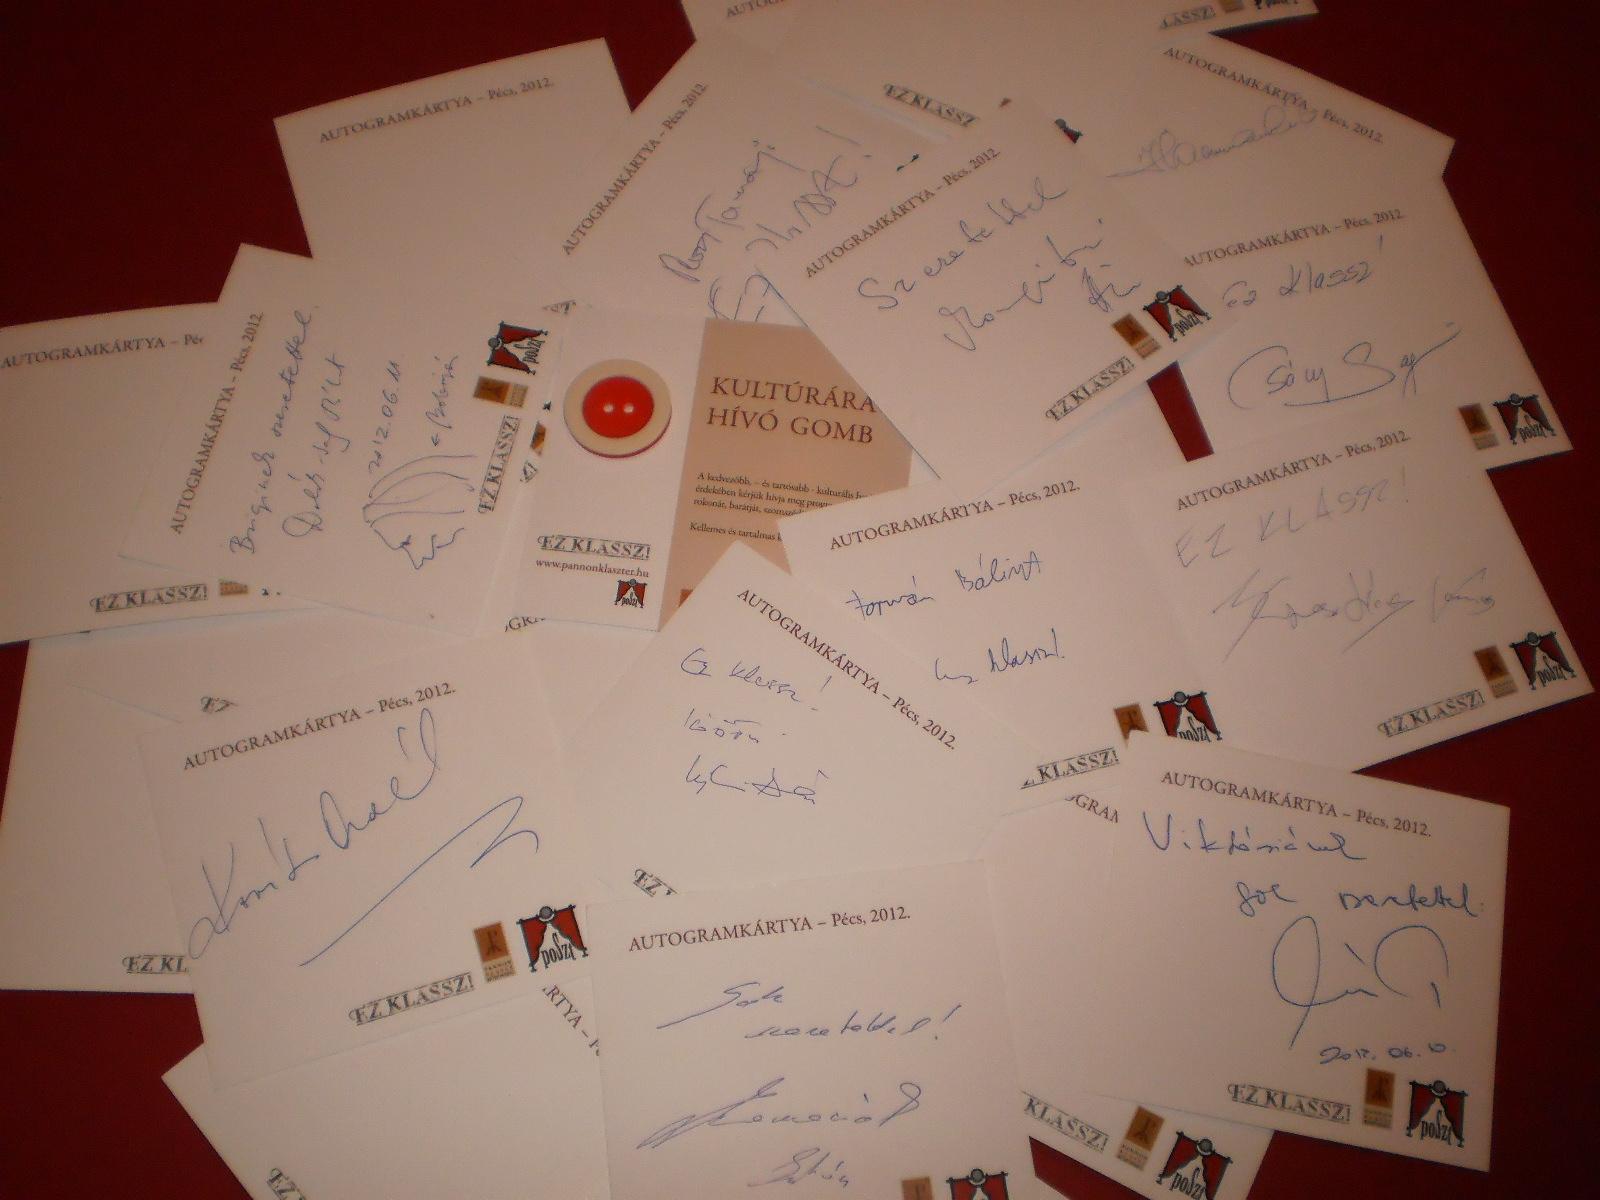 Autogram kártyák a Pannon Klassz Közösség kezdeményezéseként